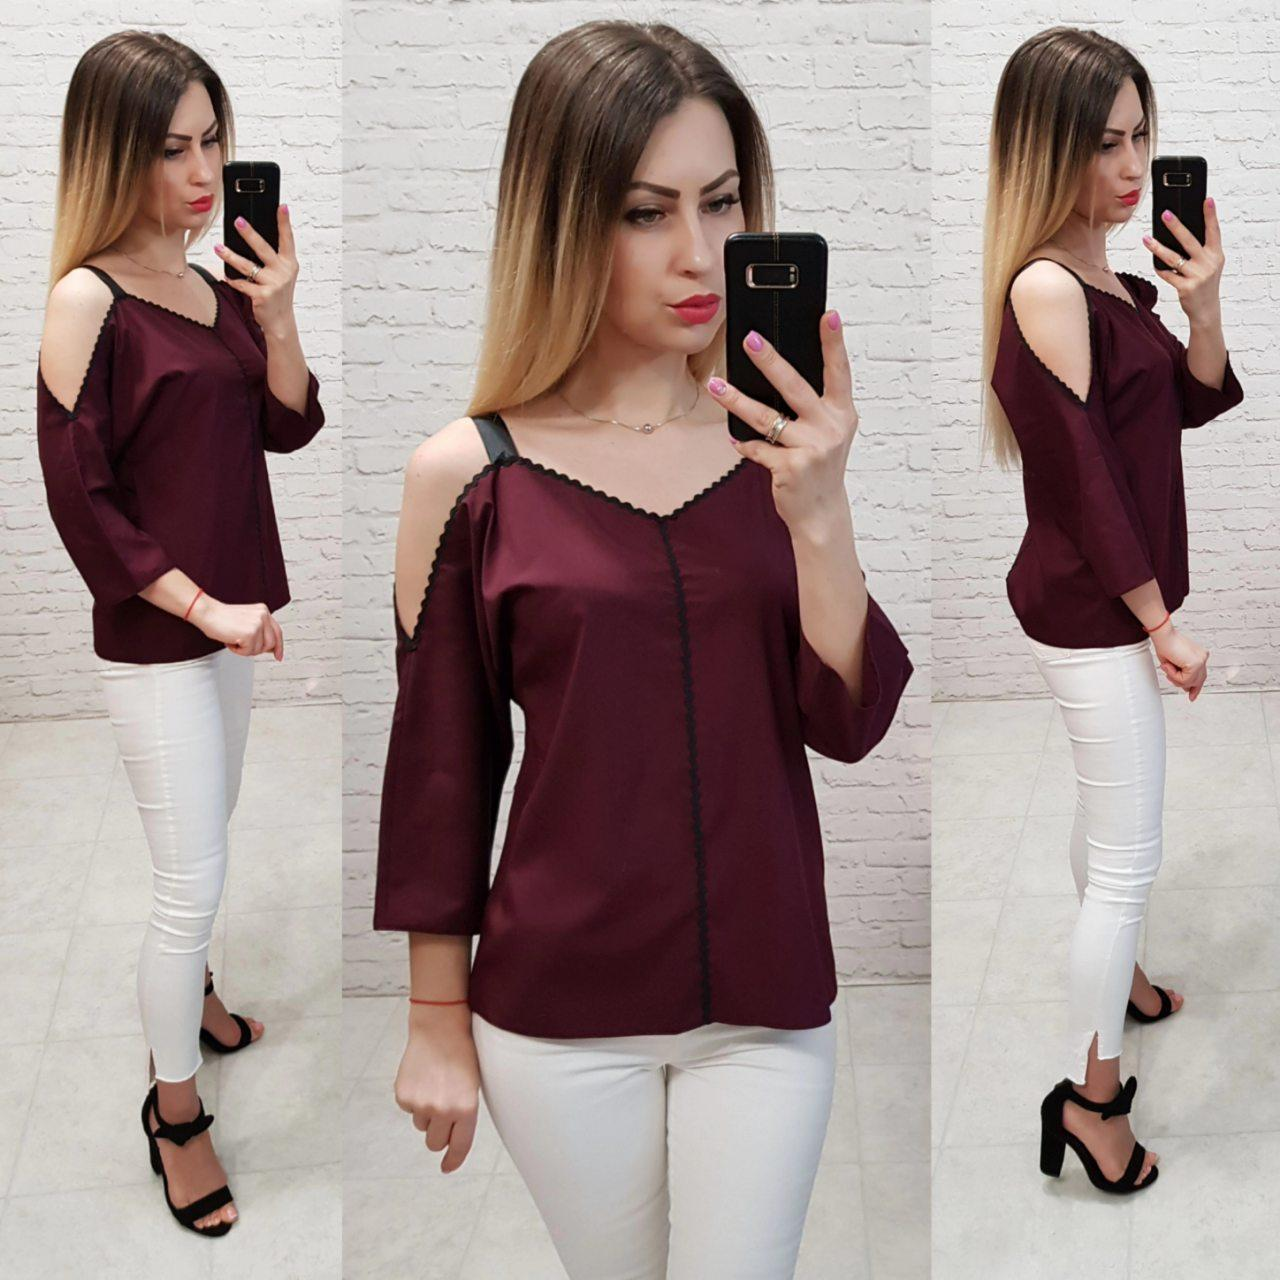 Блузка с тесьмой на горловине и открытыми плечами, арт 159, цвет бордовый